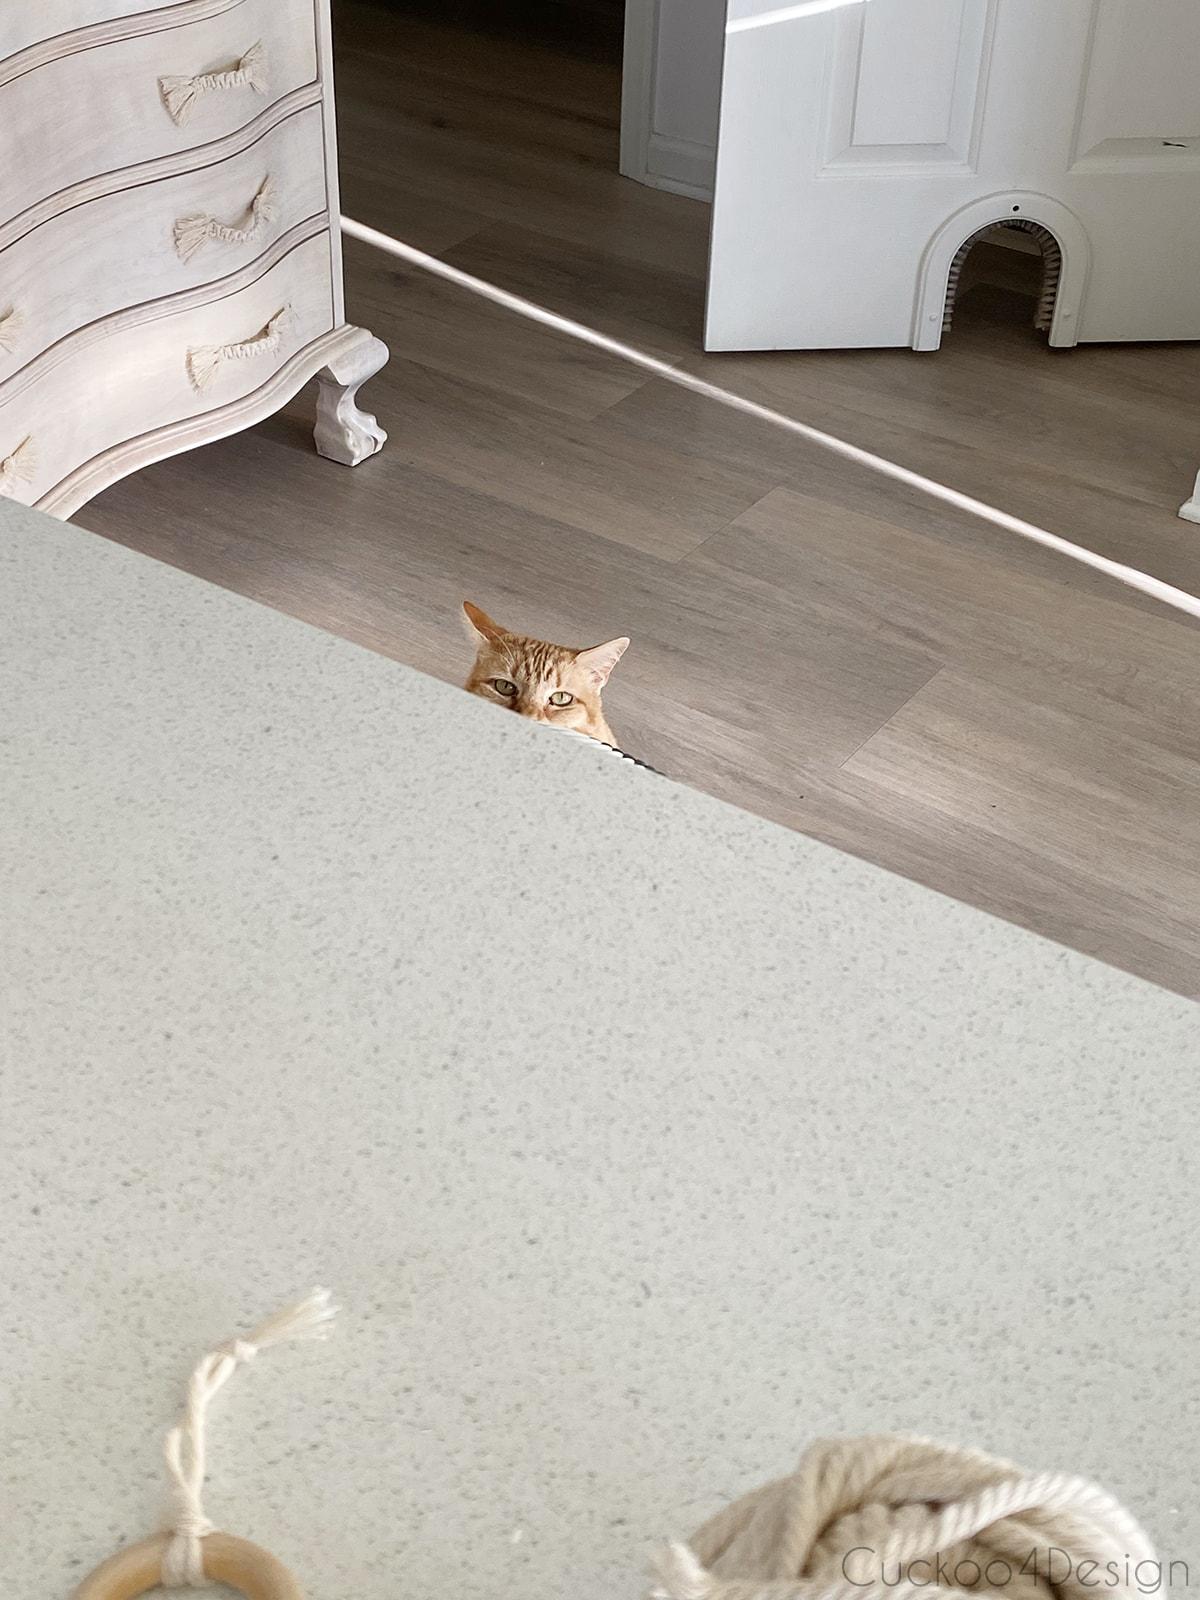 cat watching me do macrame